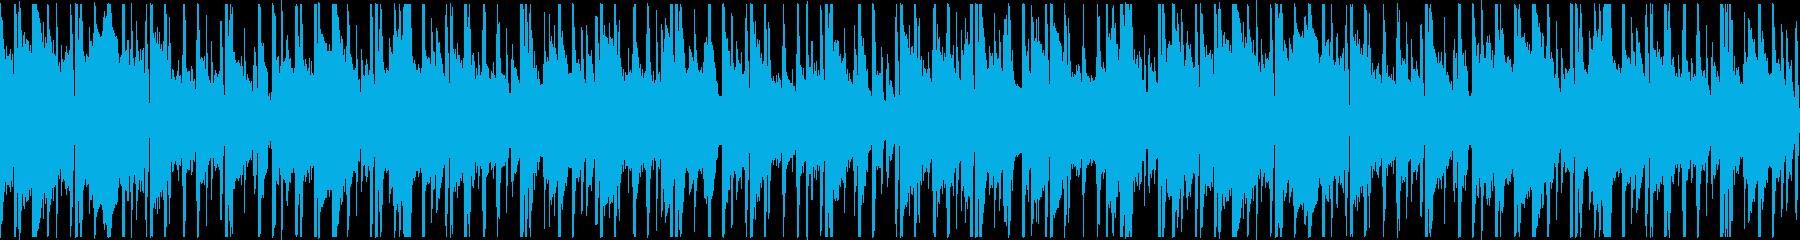 【ループ】クールで都会的なチル系サウンドの再生済みの波形